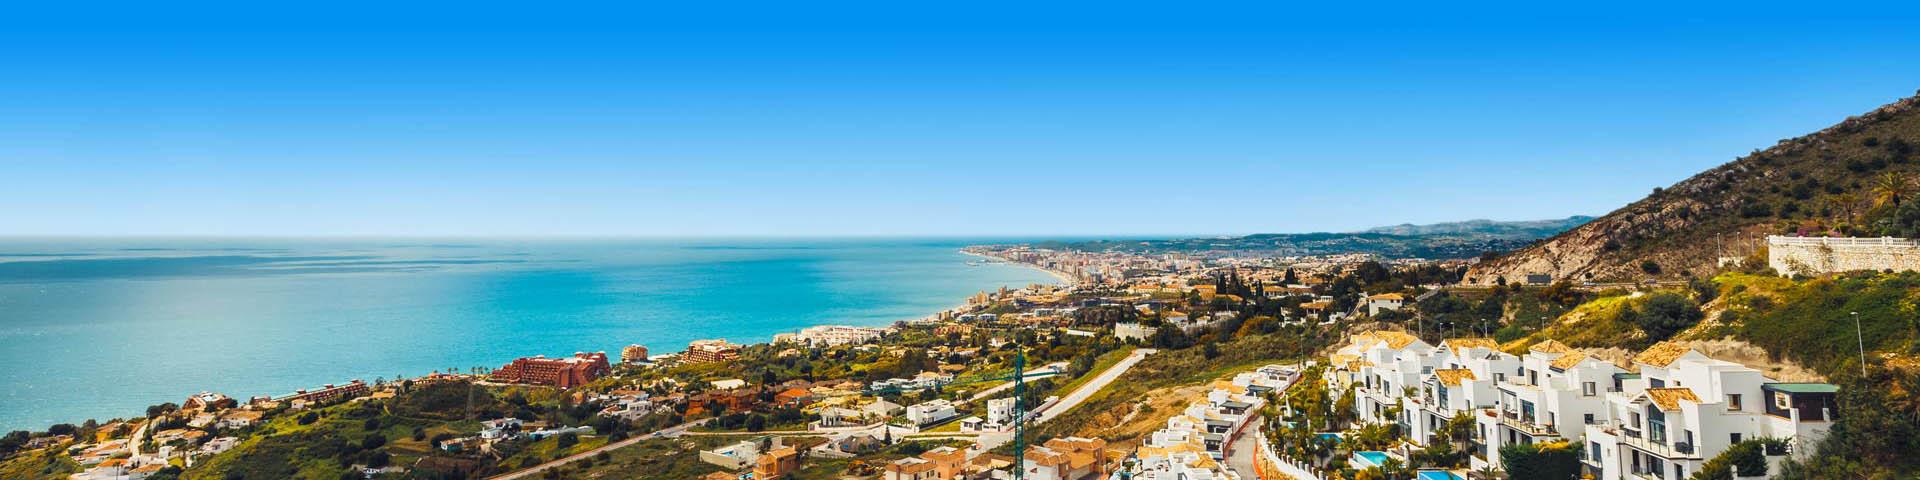 Kustlijn van Benalmadena in Zuid Spanje